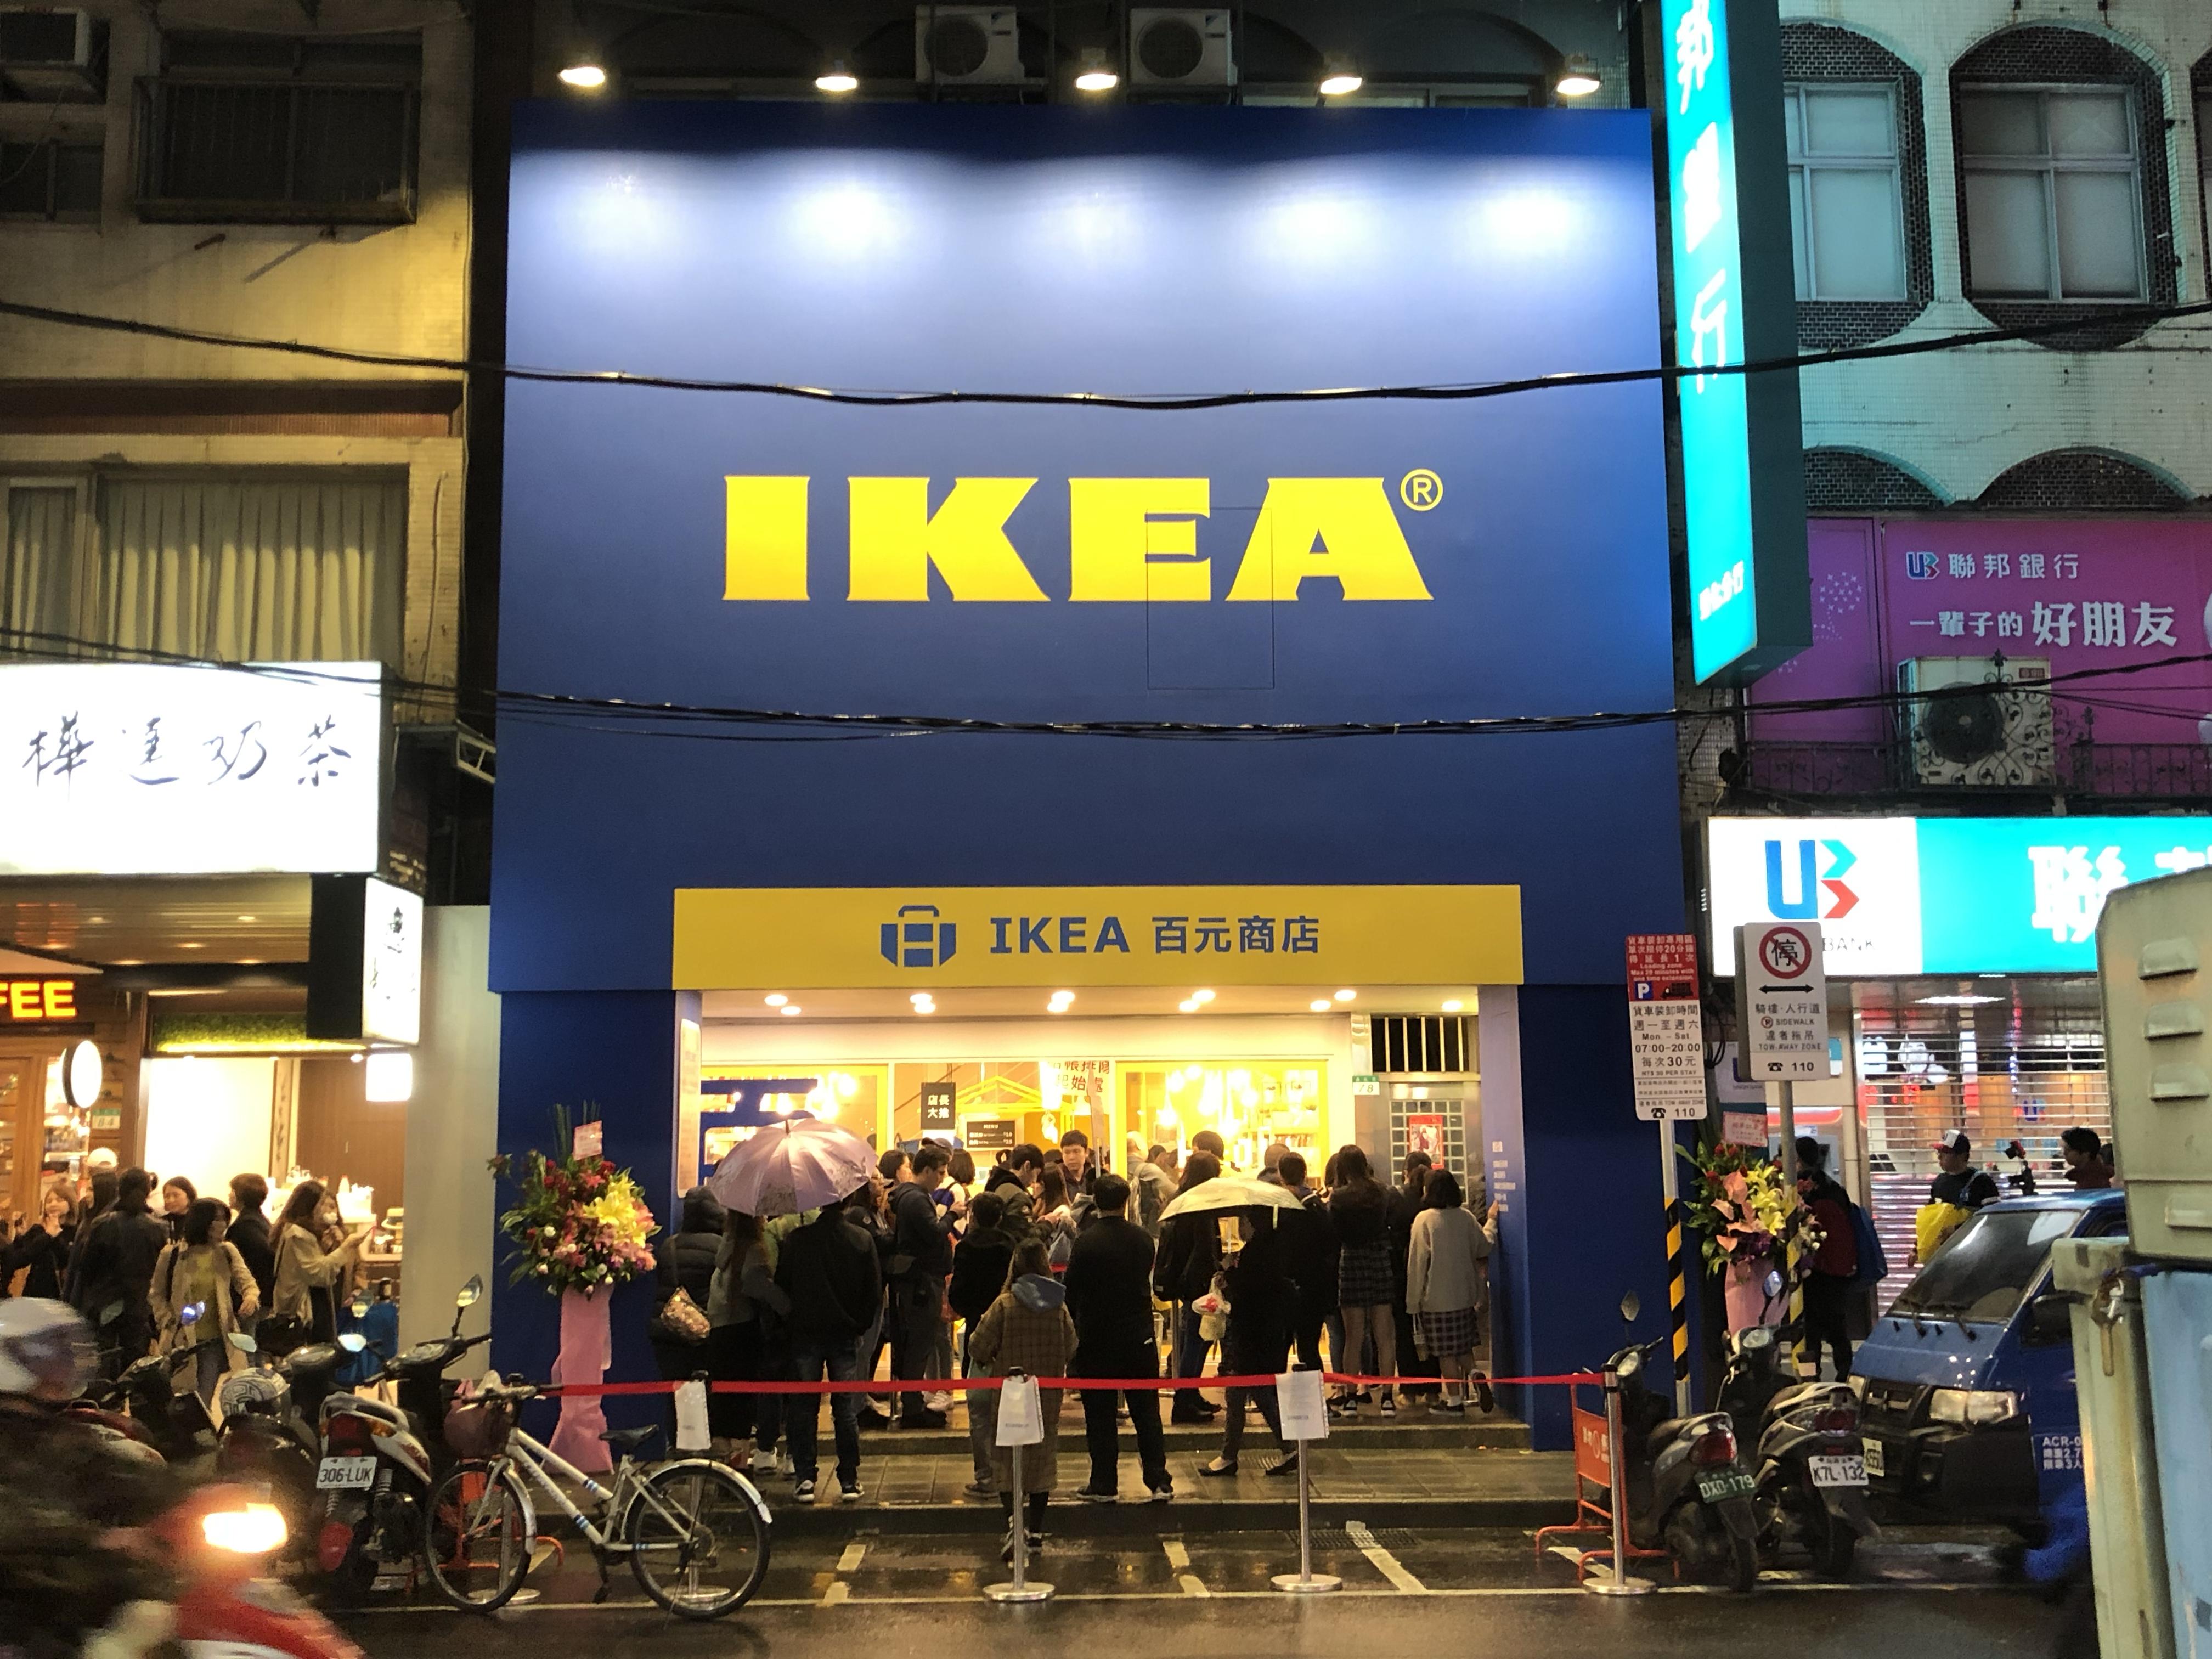 IKEA 百元商店